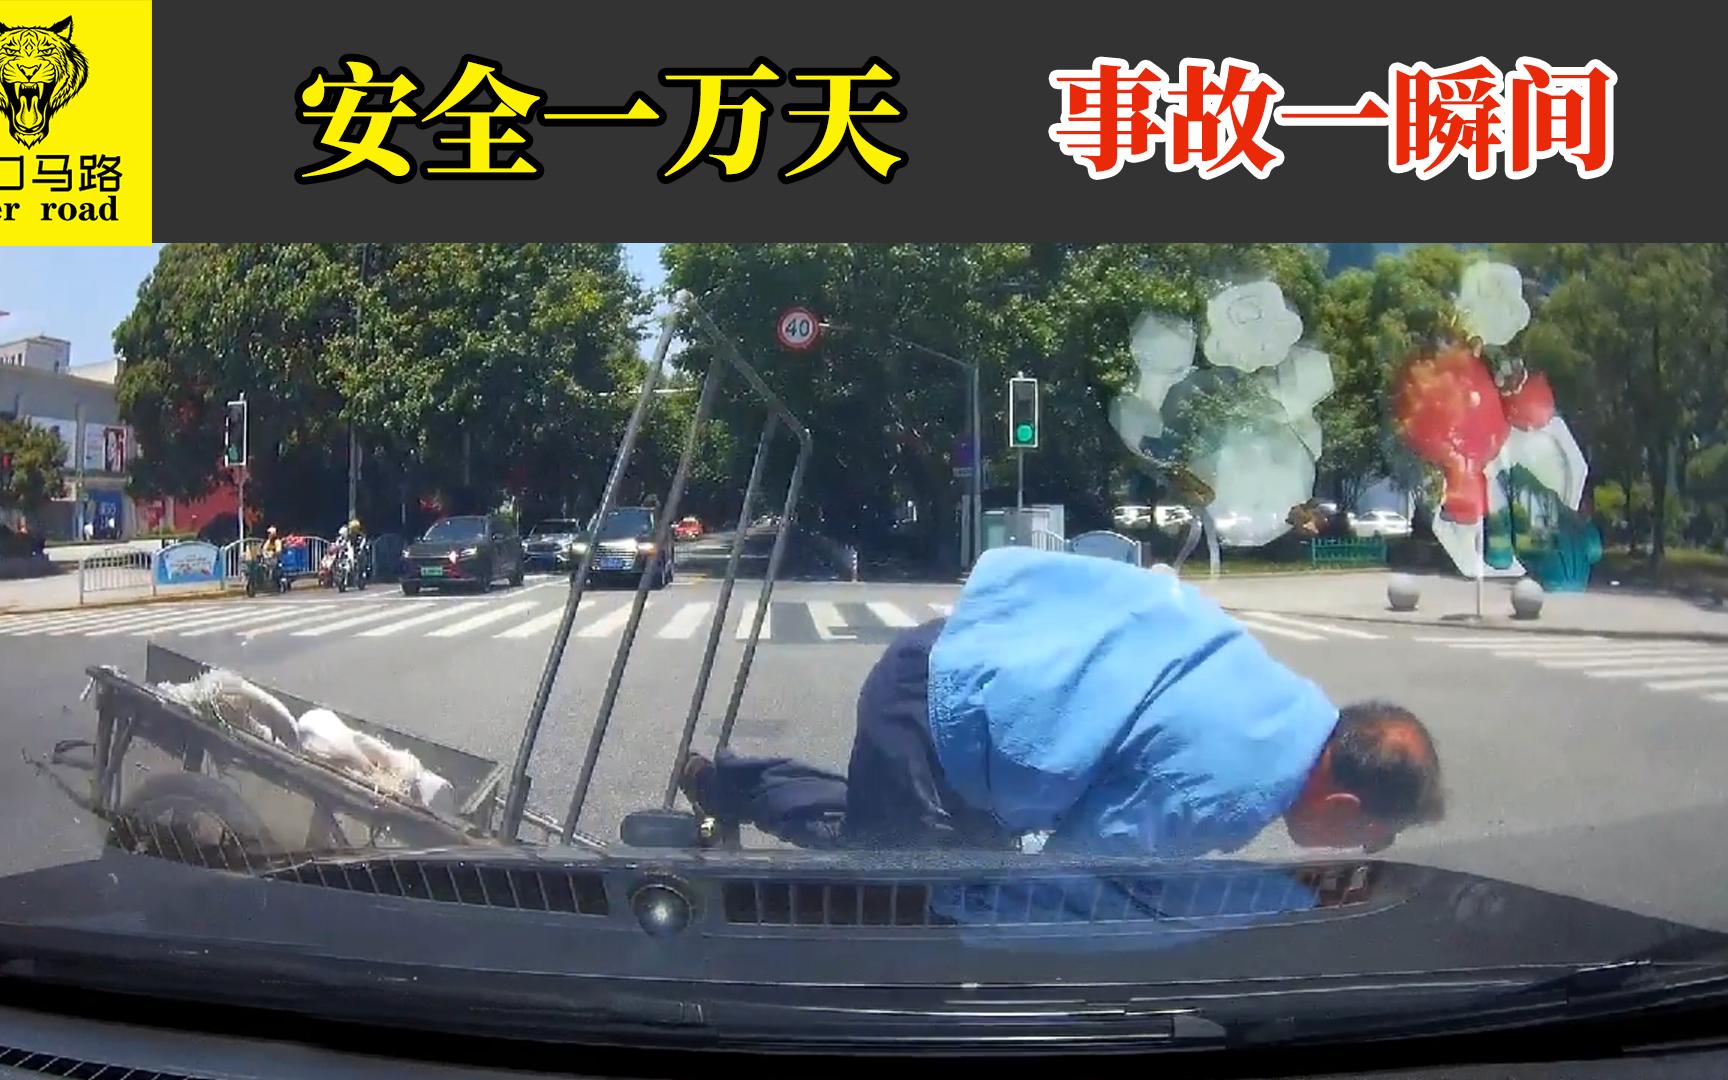 2021交通事故(88):安全一万天,事故一瞬间